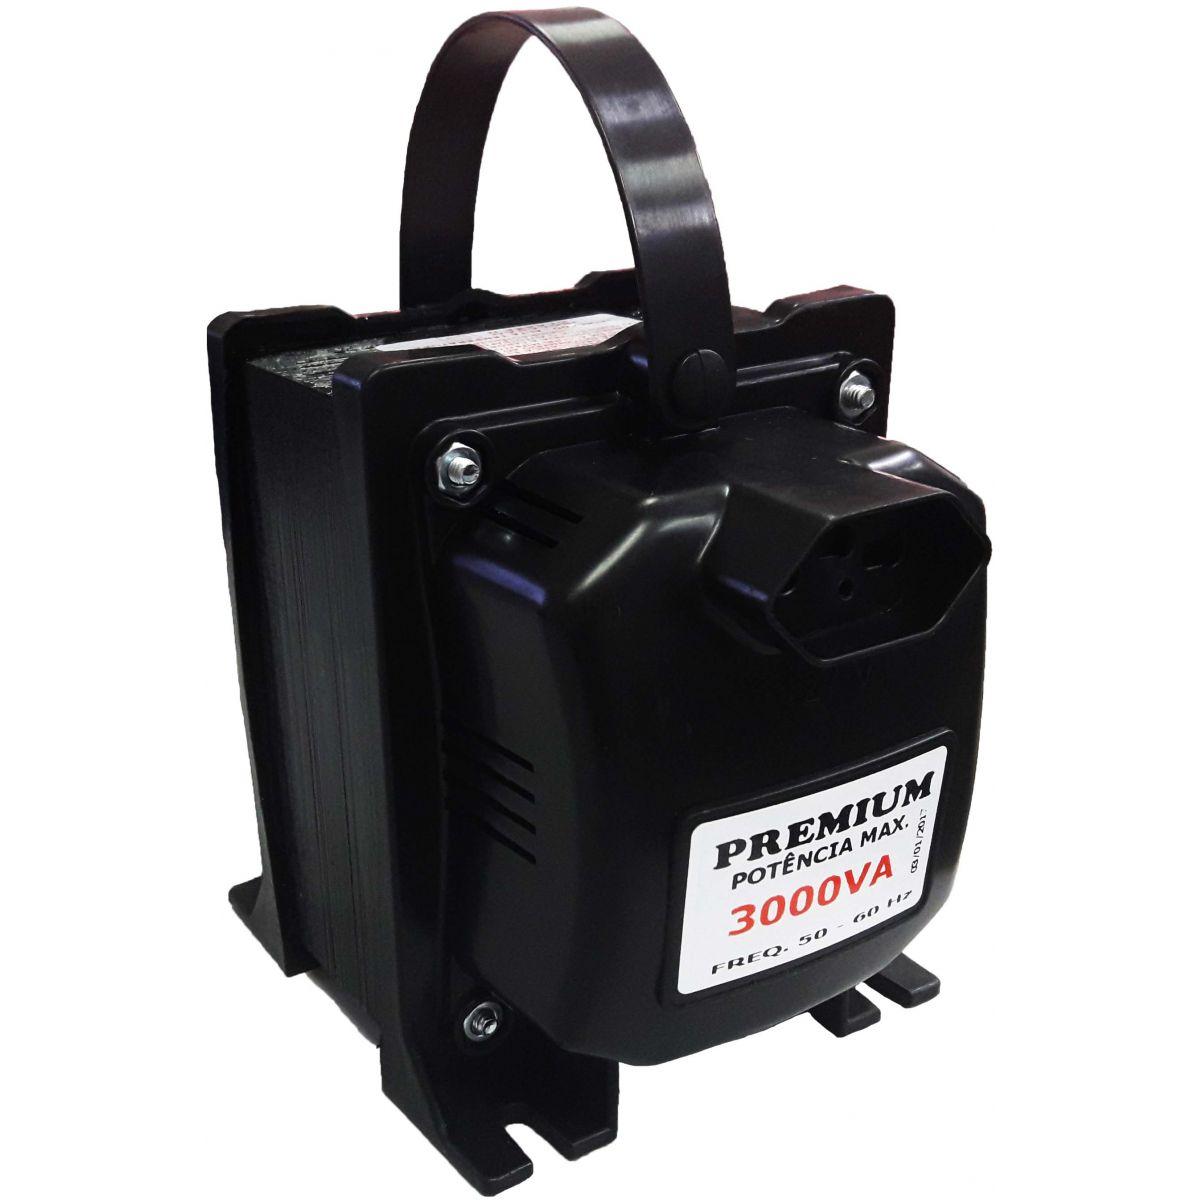 Transformador Fiolux Premium Tripolar 3000VA Bivolt 110/220 e 220/110 Ref: 3000 VA